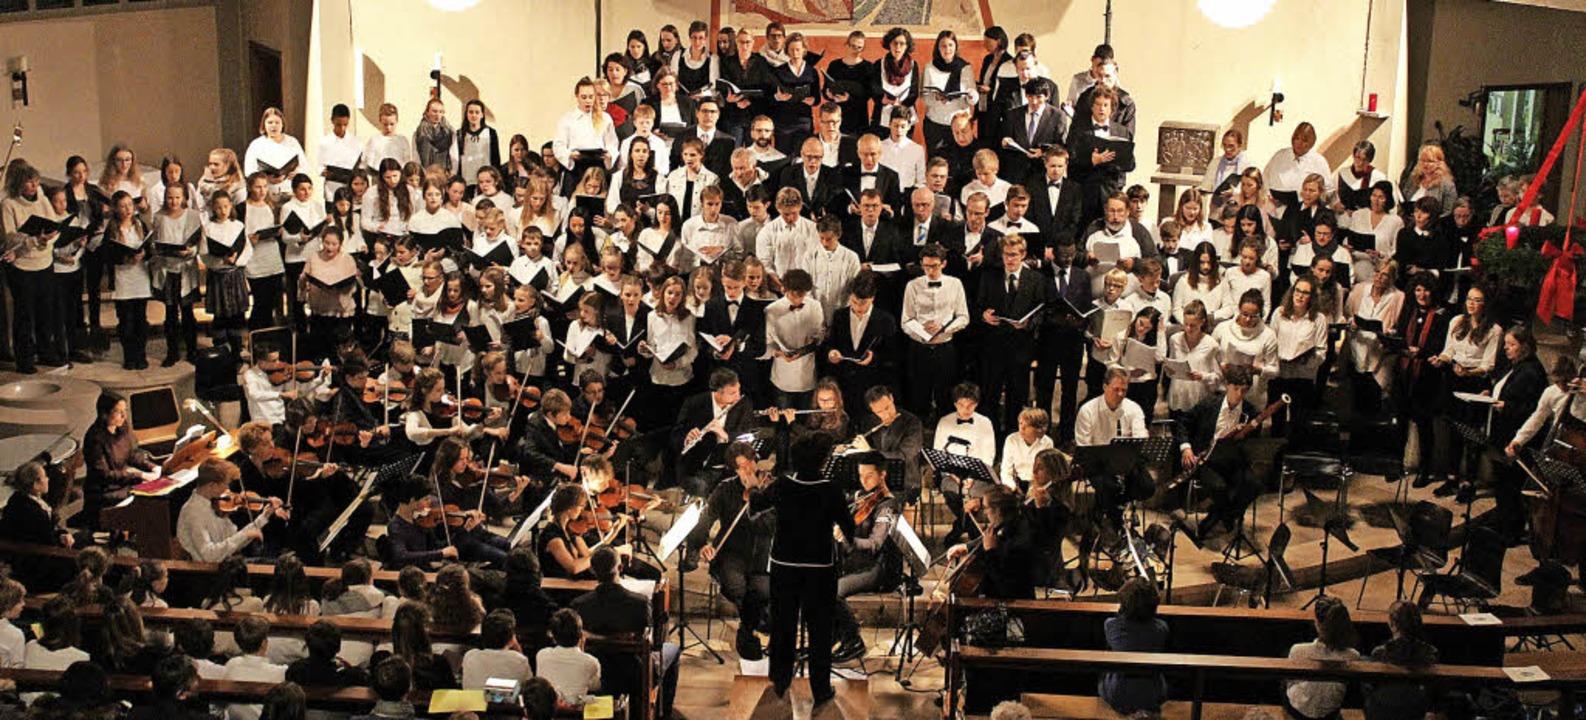 Der gemeinsame Auftritt aller Chöre un...bastian ist jedes Jahr eindrucksvoll.     Foto: Erich Krieger